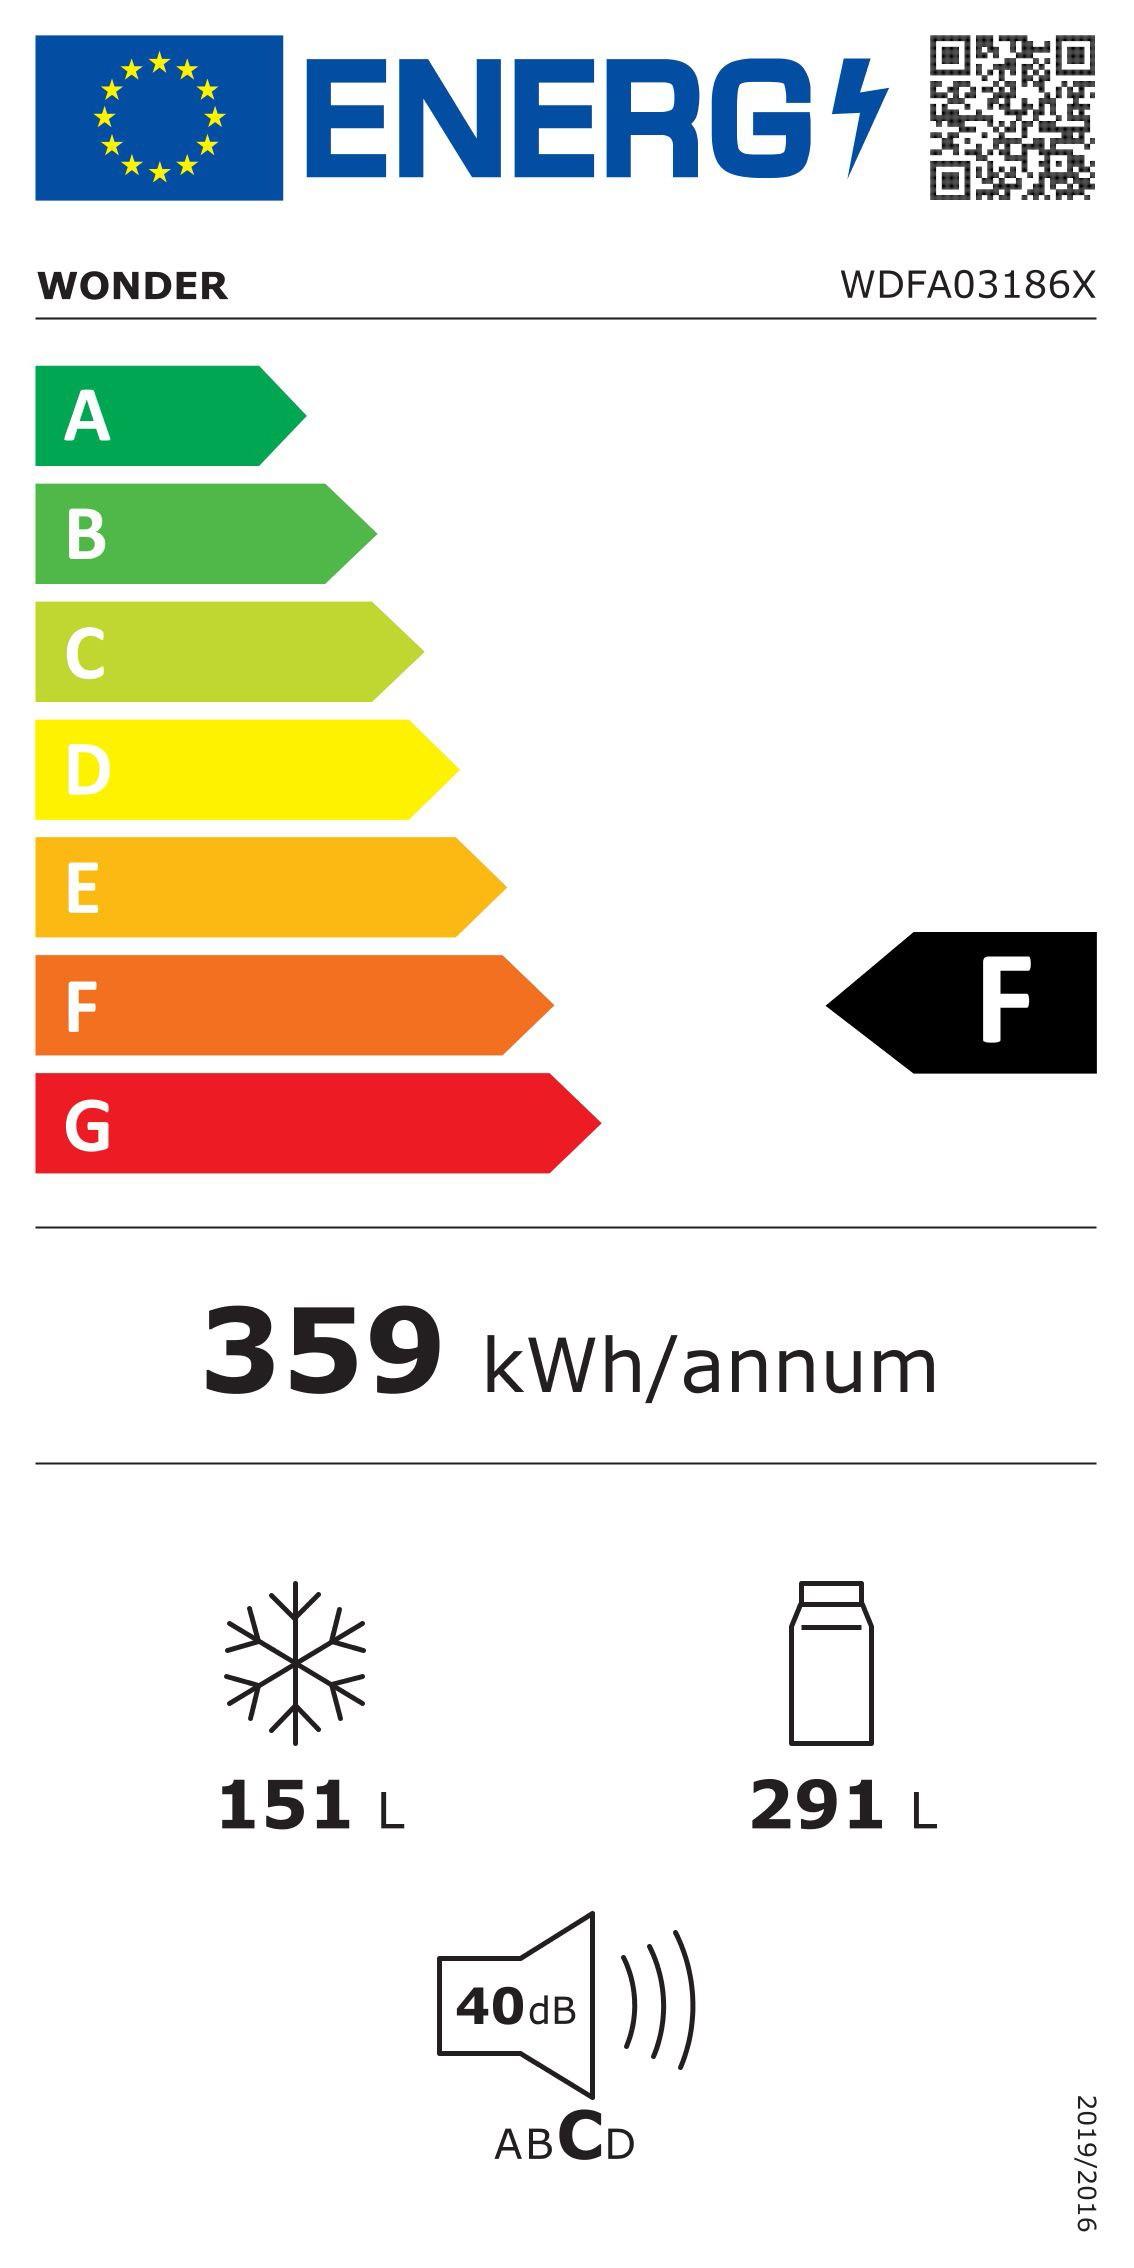 Etiqueta de Eficiencia Energética - WDFA03186B